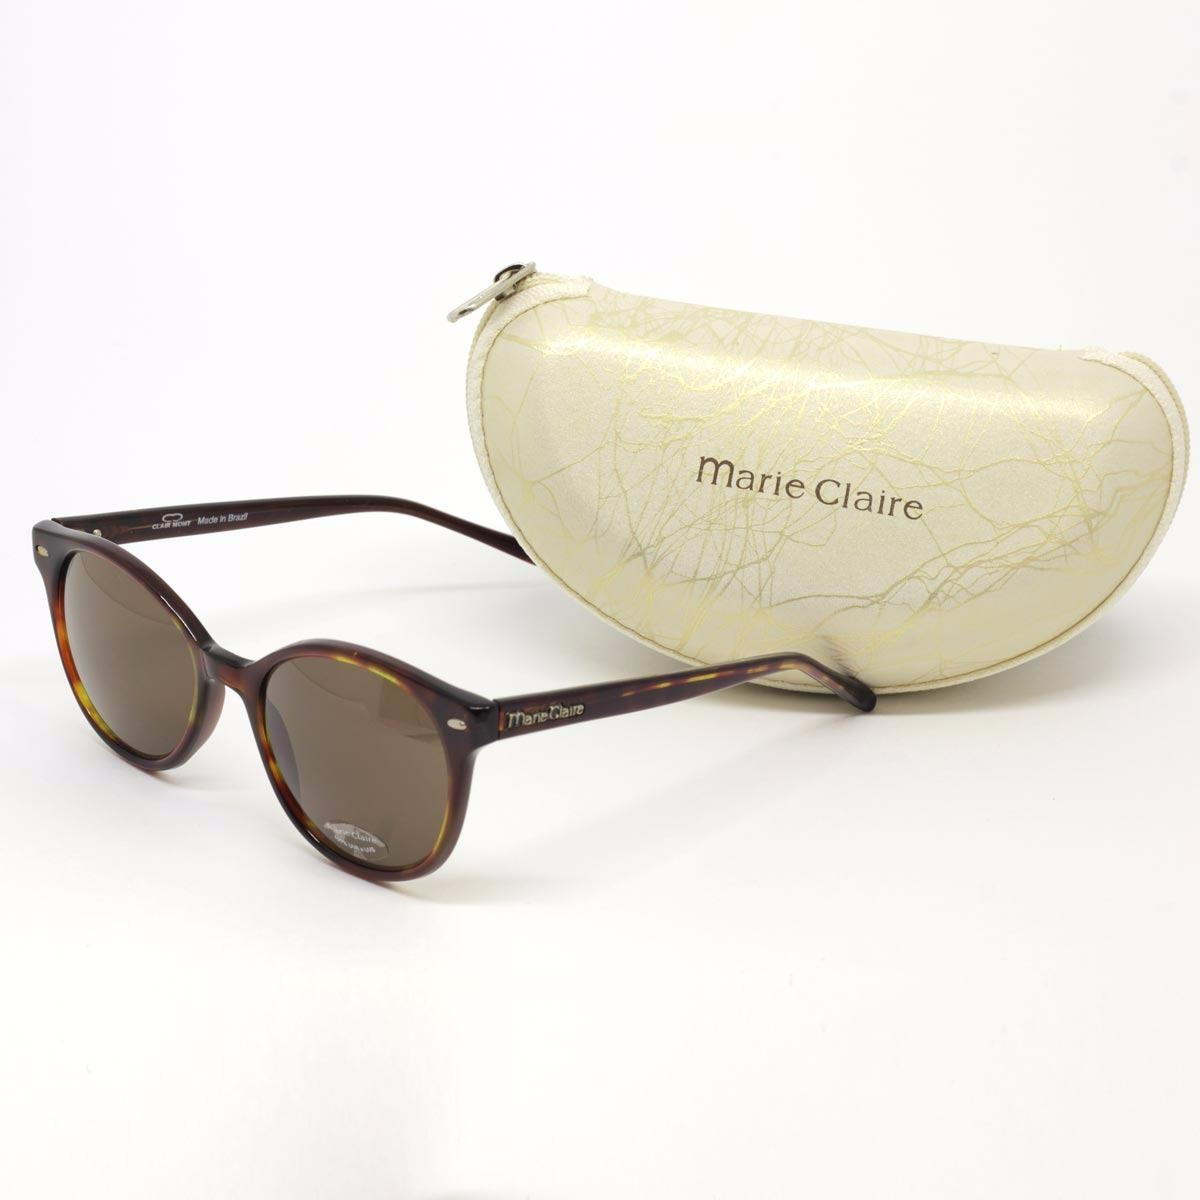 3257690873ba8 óculos de sol feminino - marie claire. Carregando zoom.